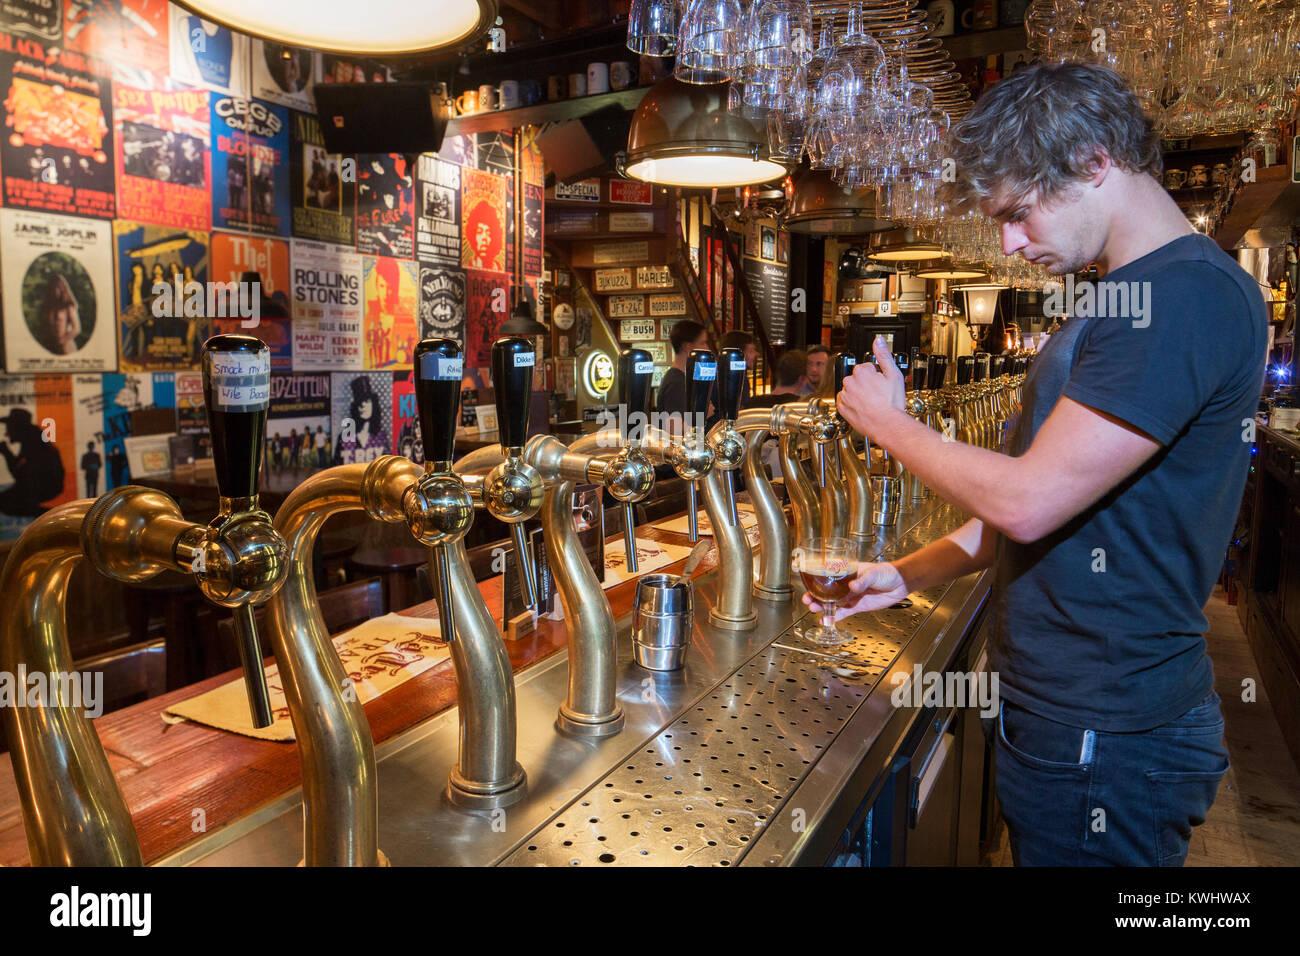 Dessin De La Bière Belge Barman Dans Du Verre Dans Le Café Flamand Rock  Circus Dans La Ville De Gand, Flandre Orientale, Belgique